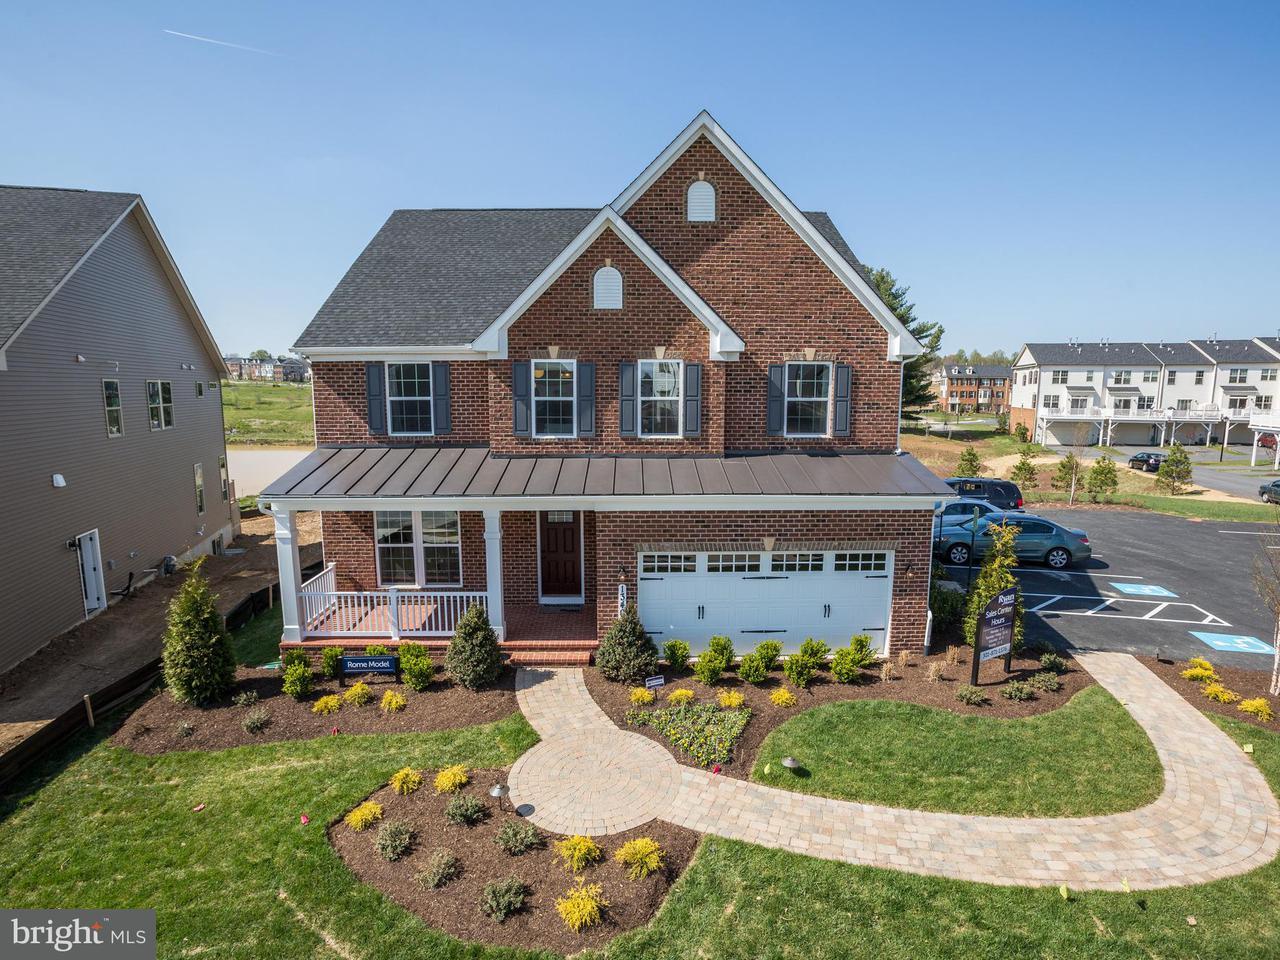 獨棟家庭住宅 為 出售 在 14608 Bentley Park Drive 14608 Bentley Park Drive Burtonsville, 馬里蘭州 20866 美國